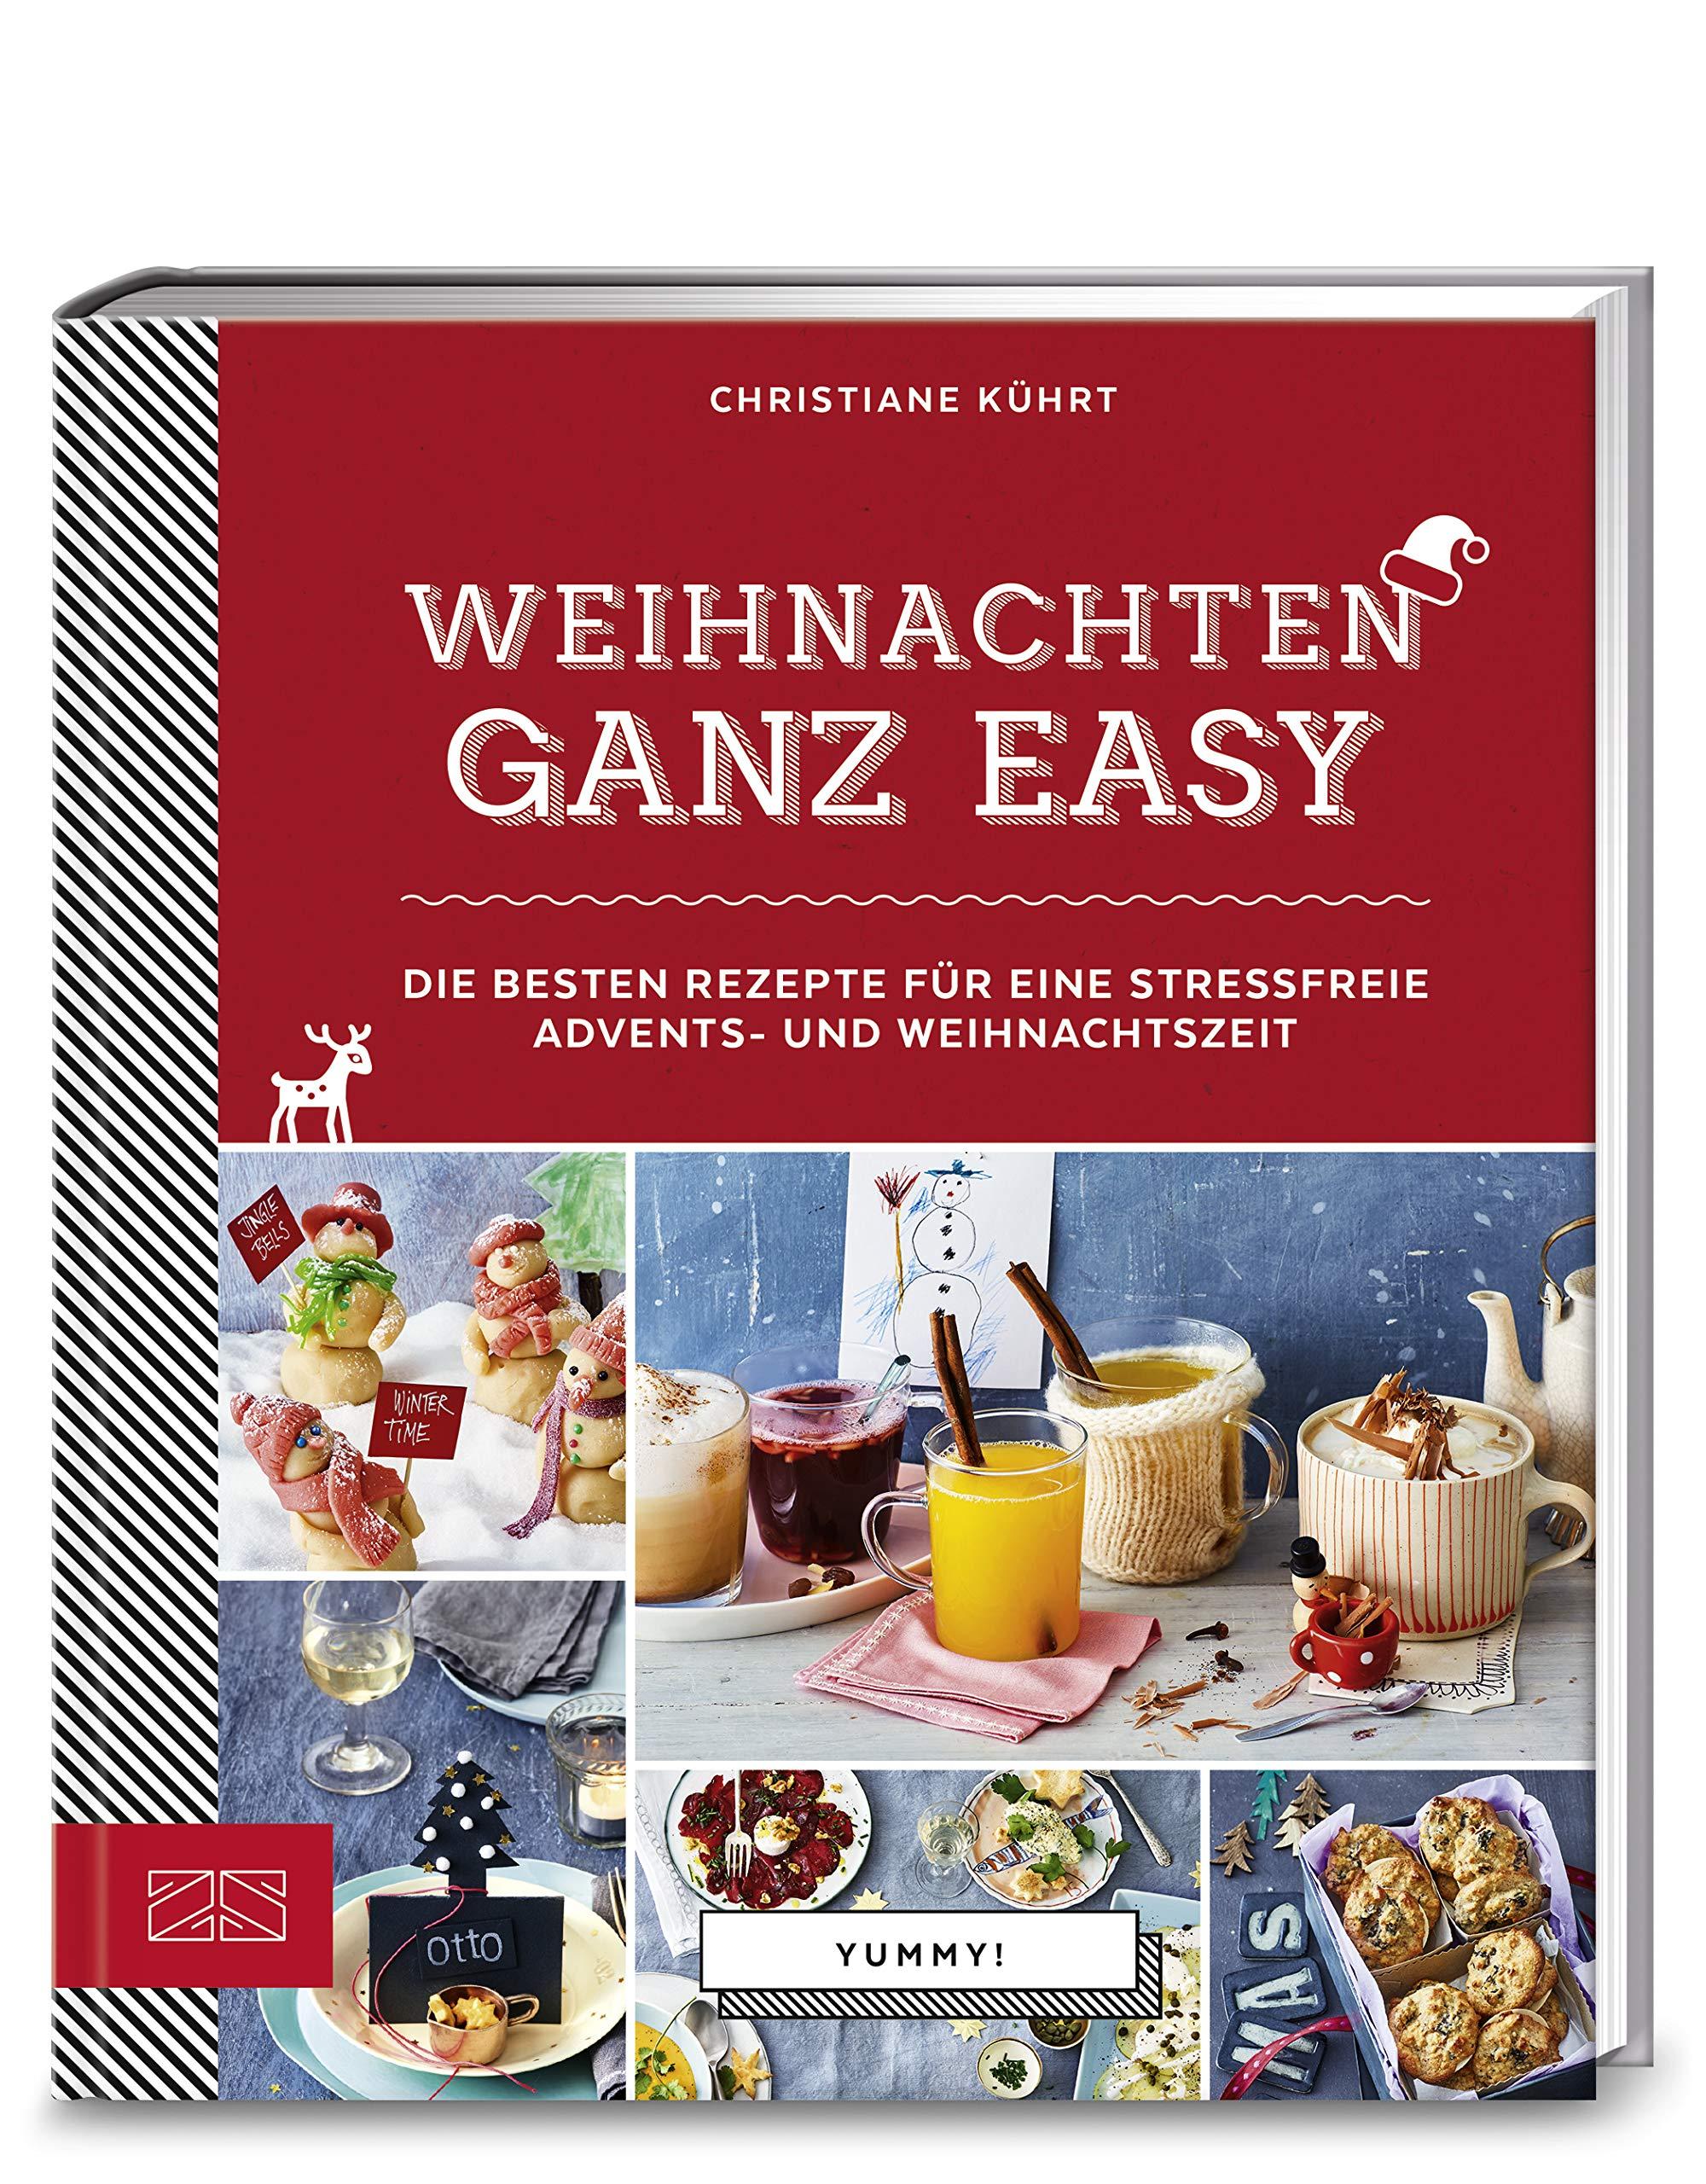 Weihnachten ganz easy: Die besten Rezepte für eine stressfreie ...